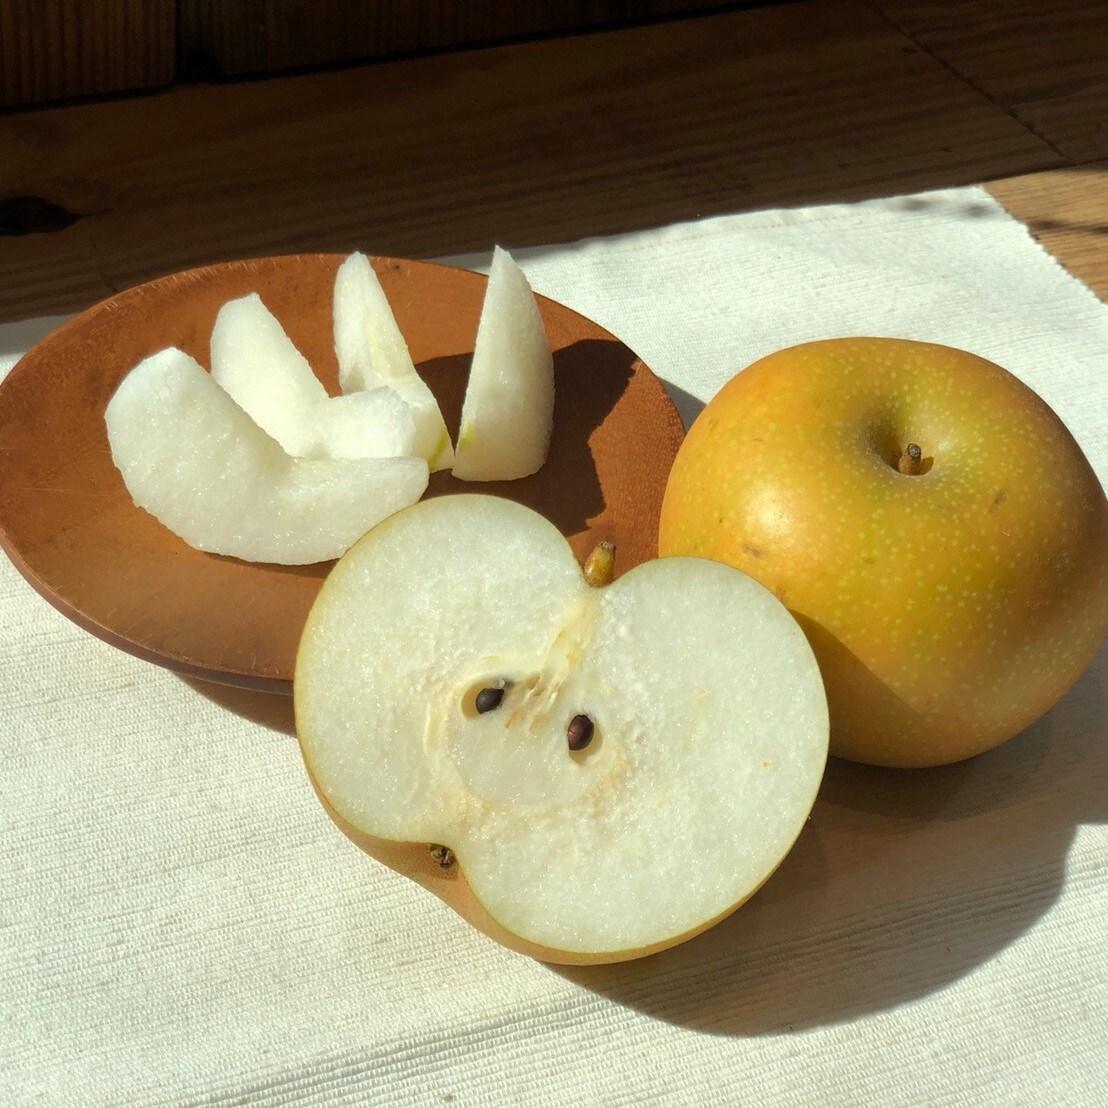 キービジュアル画像:千葉県いすみ市より梨が届きました|1F食品売場